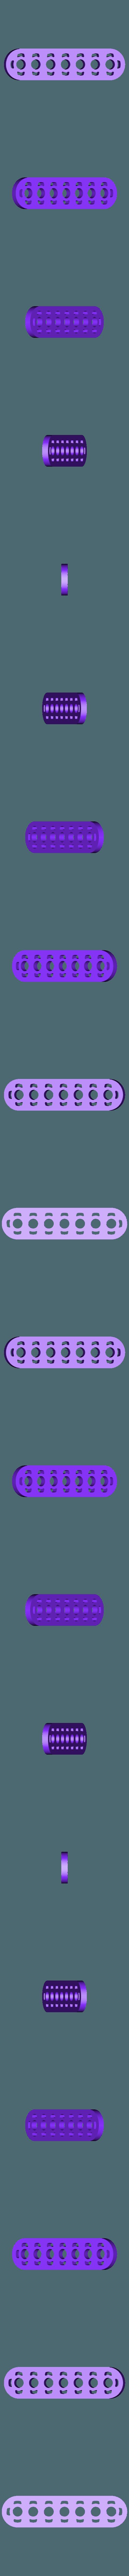 strait_7.STL Télécharger fichier STL gratuit MEGA Expansion 200+ Pièces • Plan à imprimer en 3D, Pwentey